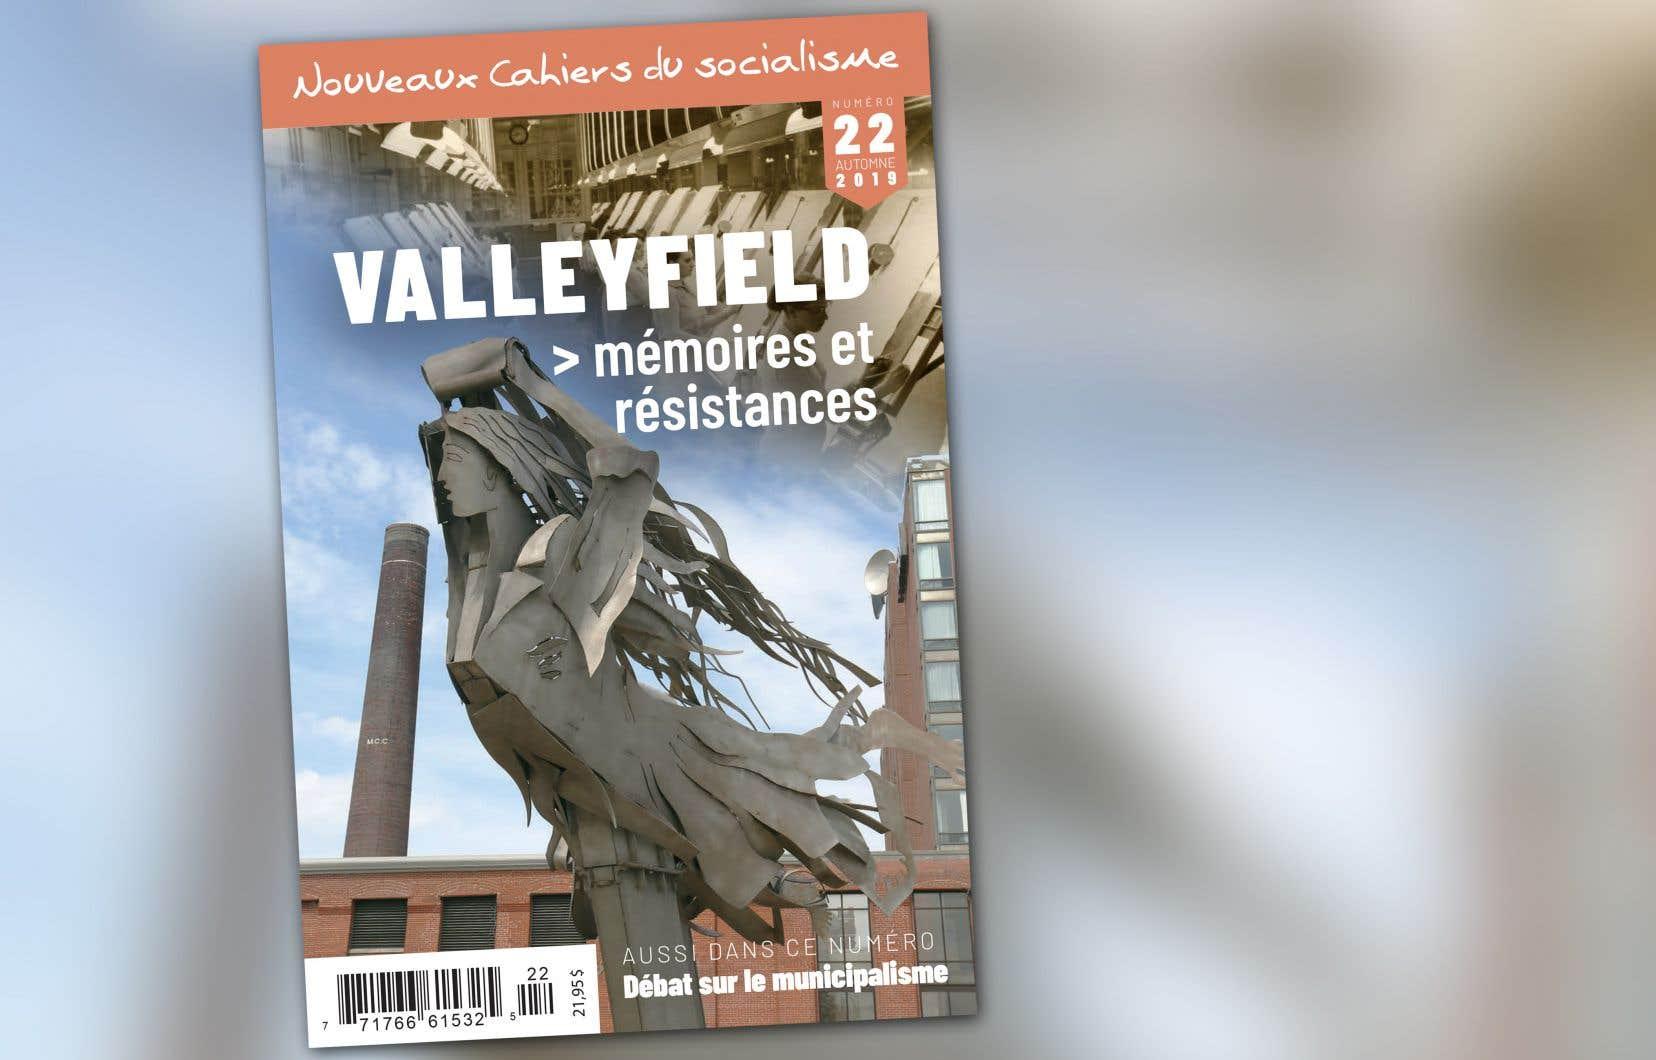 «Aujourd'hui encore, la solidarité constitue une des pièces maîtresses du réseau militant de Valleyfield», rappellent lesauteurs.